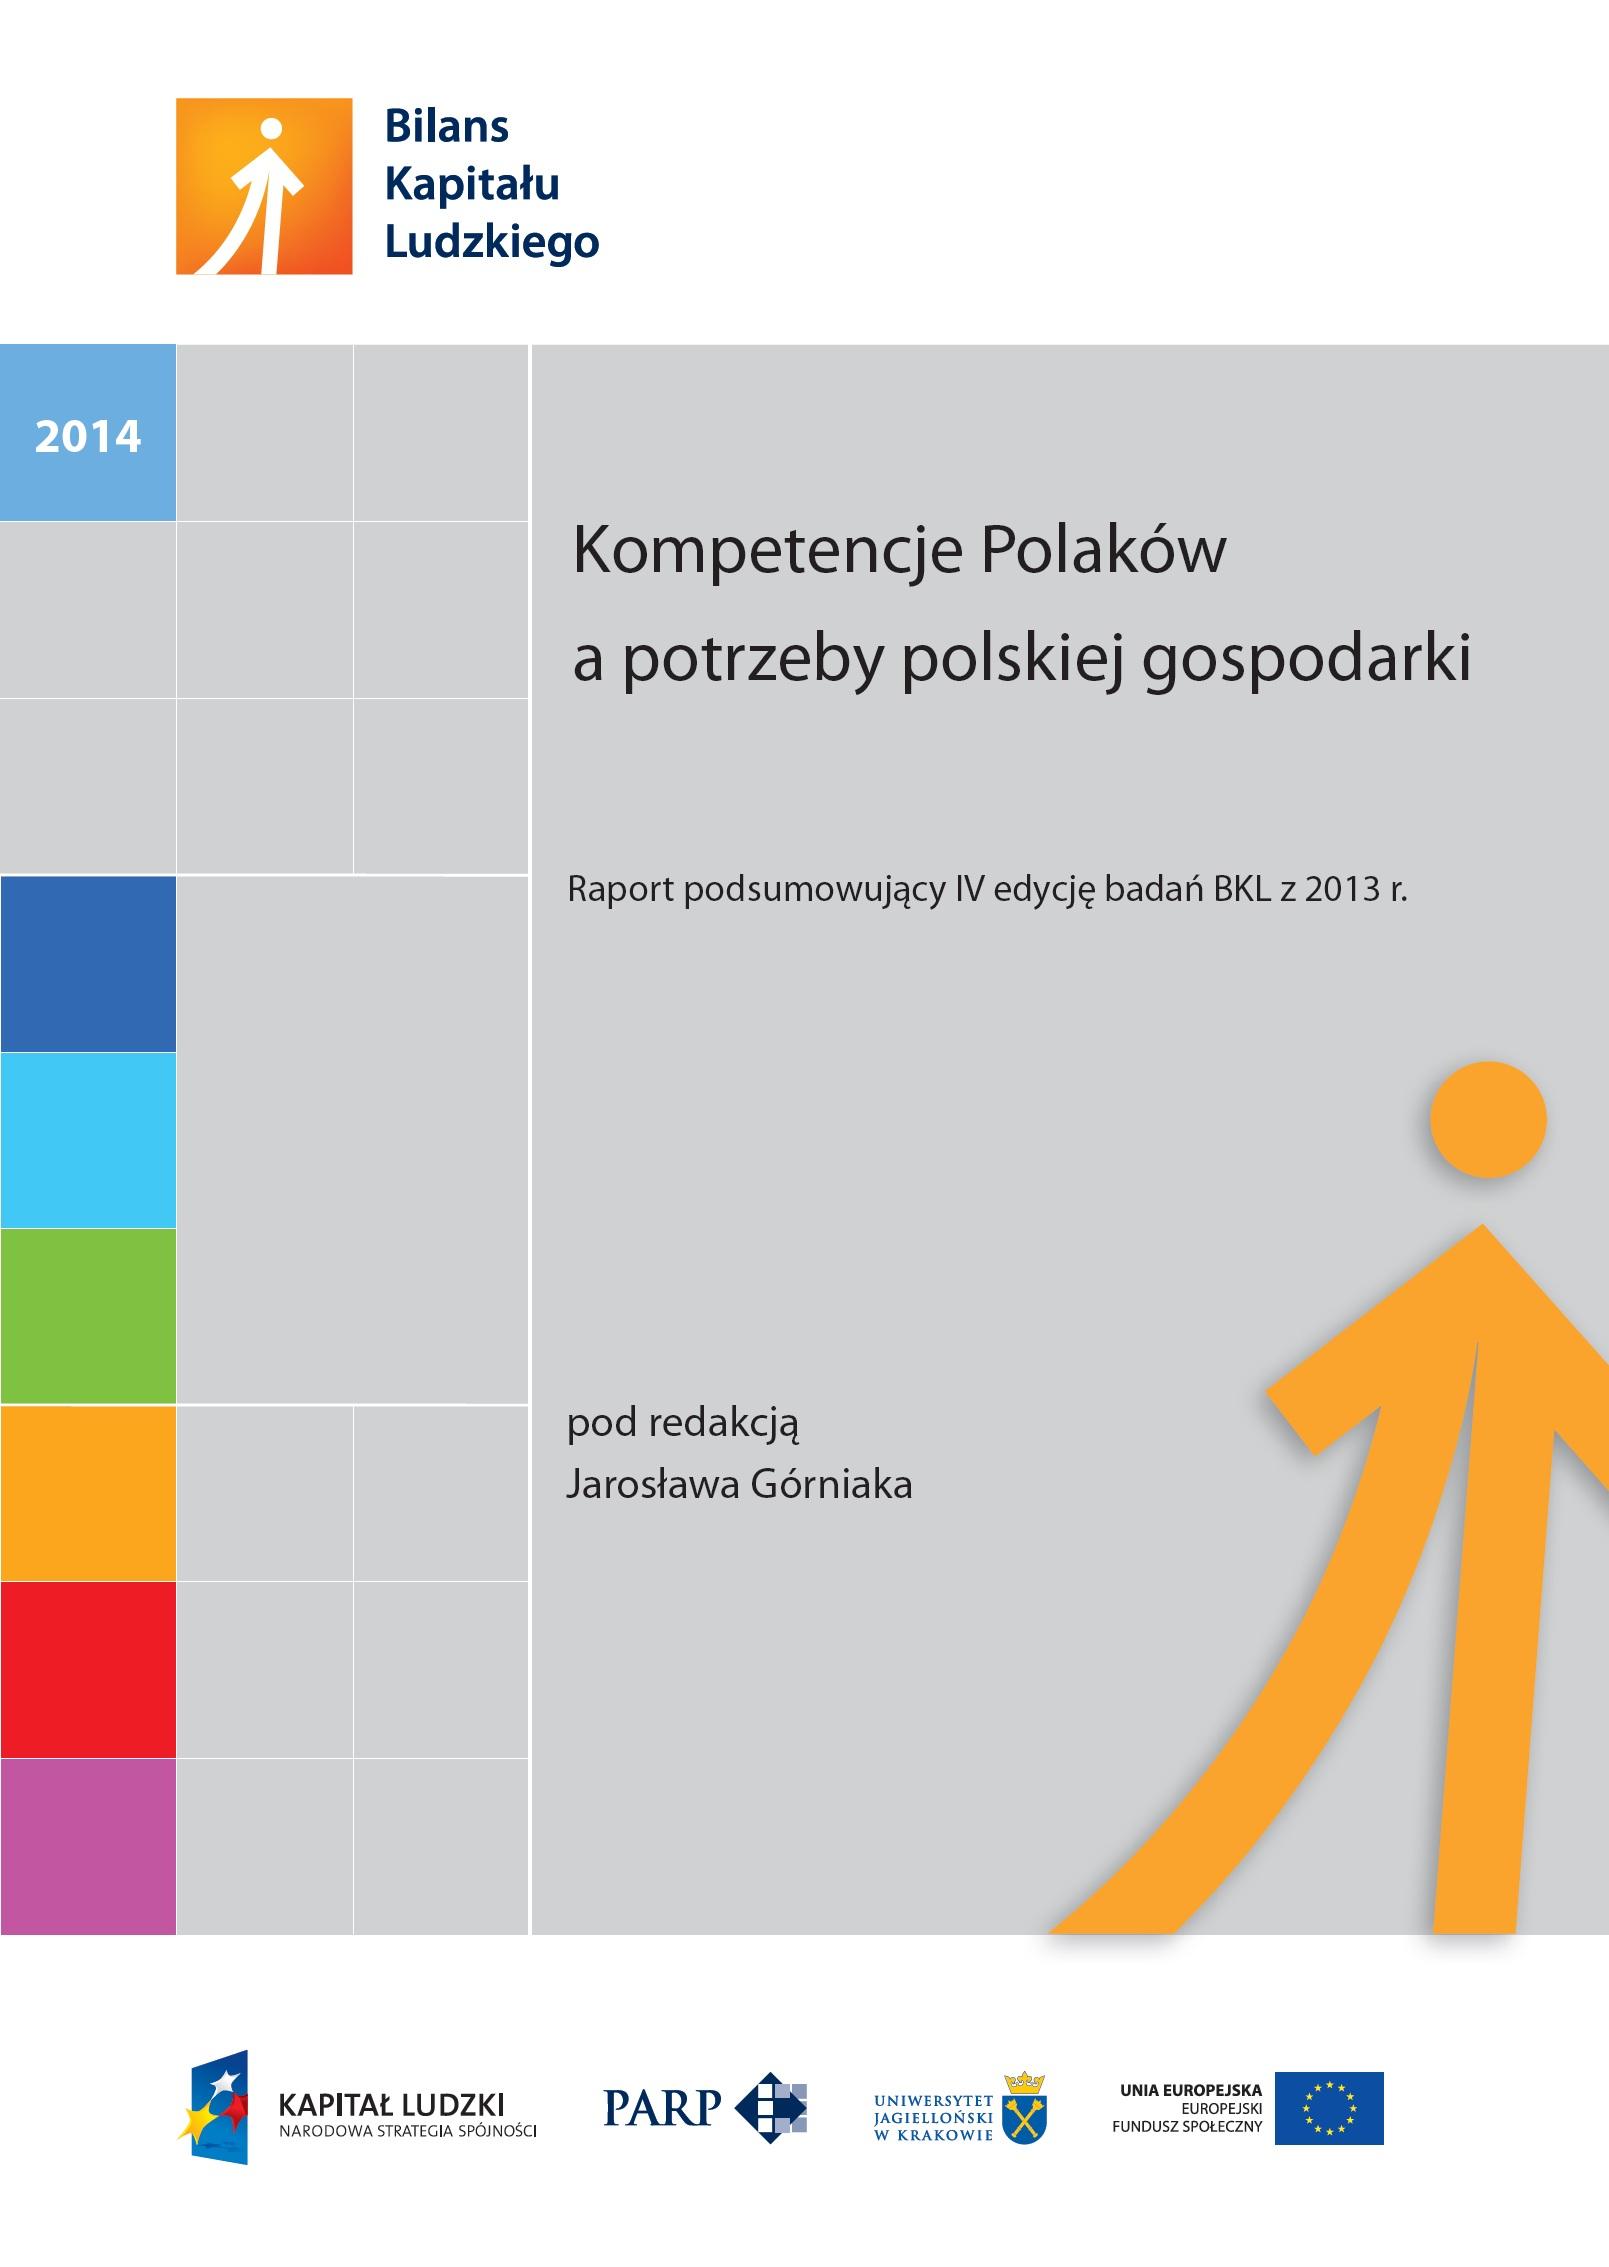 Kompetencje Polaków a potrzeby polskiej gospodarki